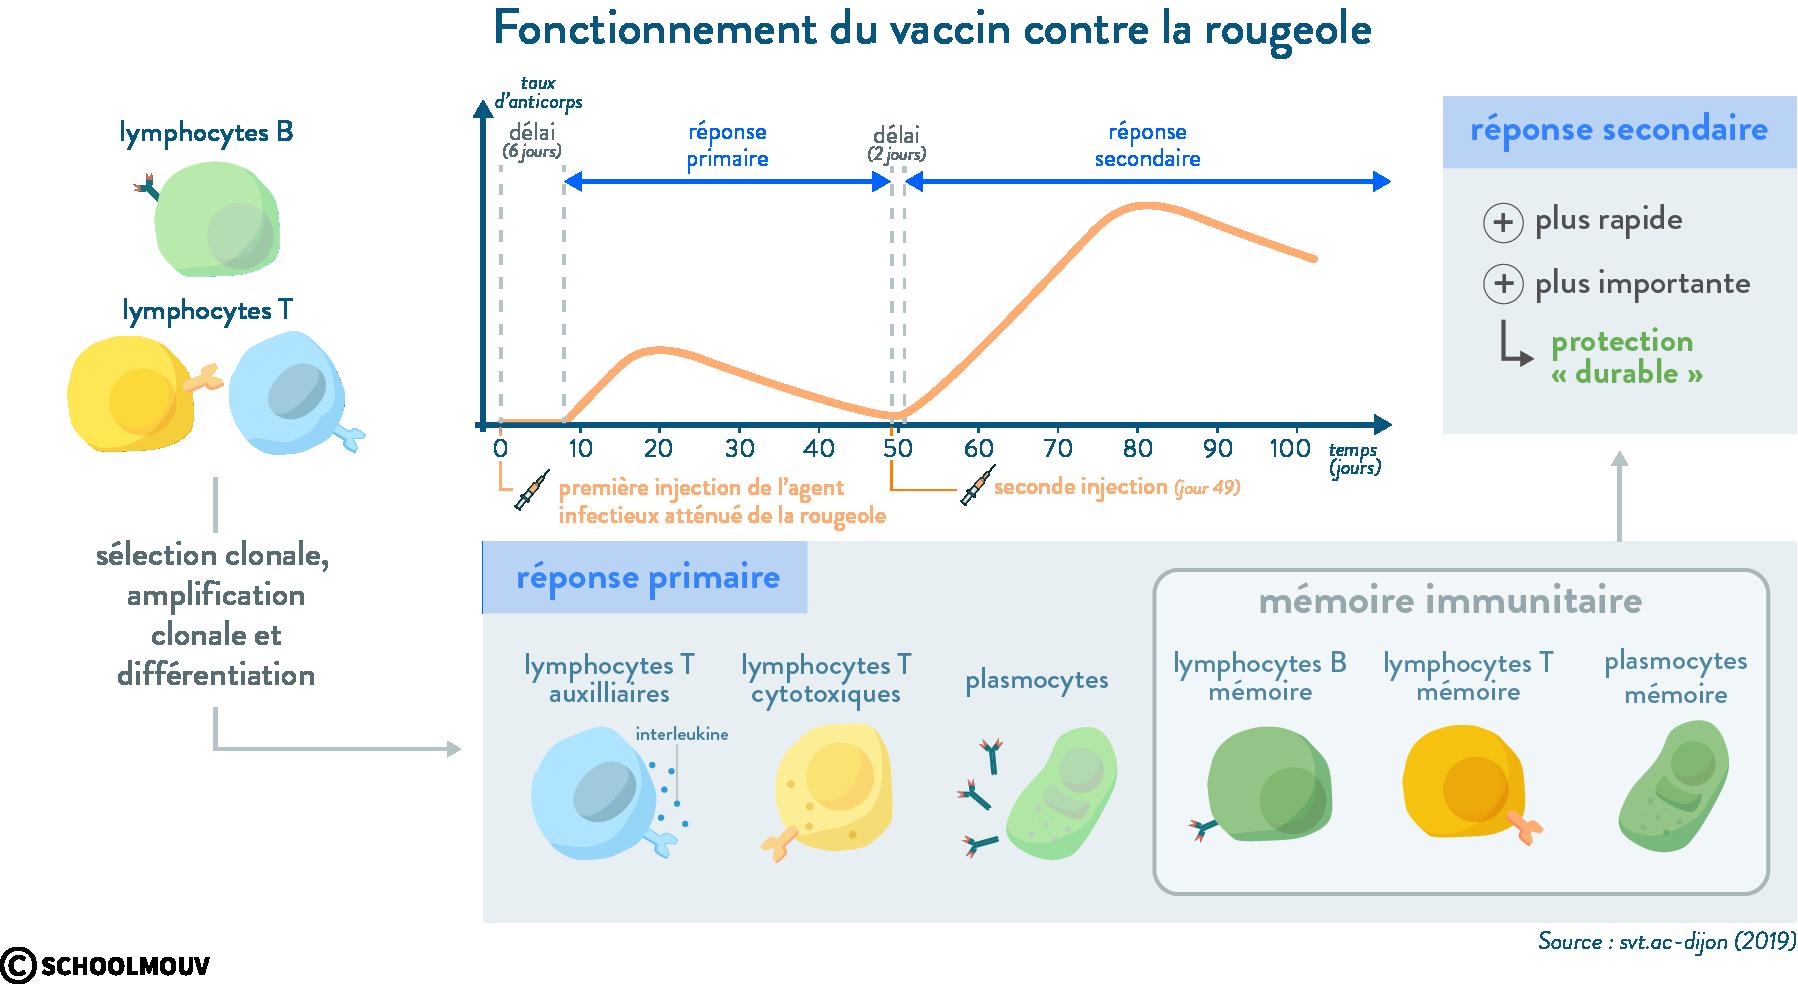 vaccin rougeole réponse primaire réponse secondaire